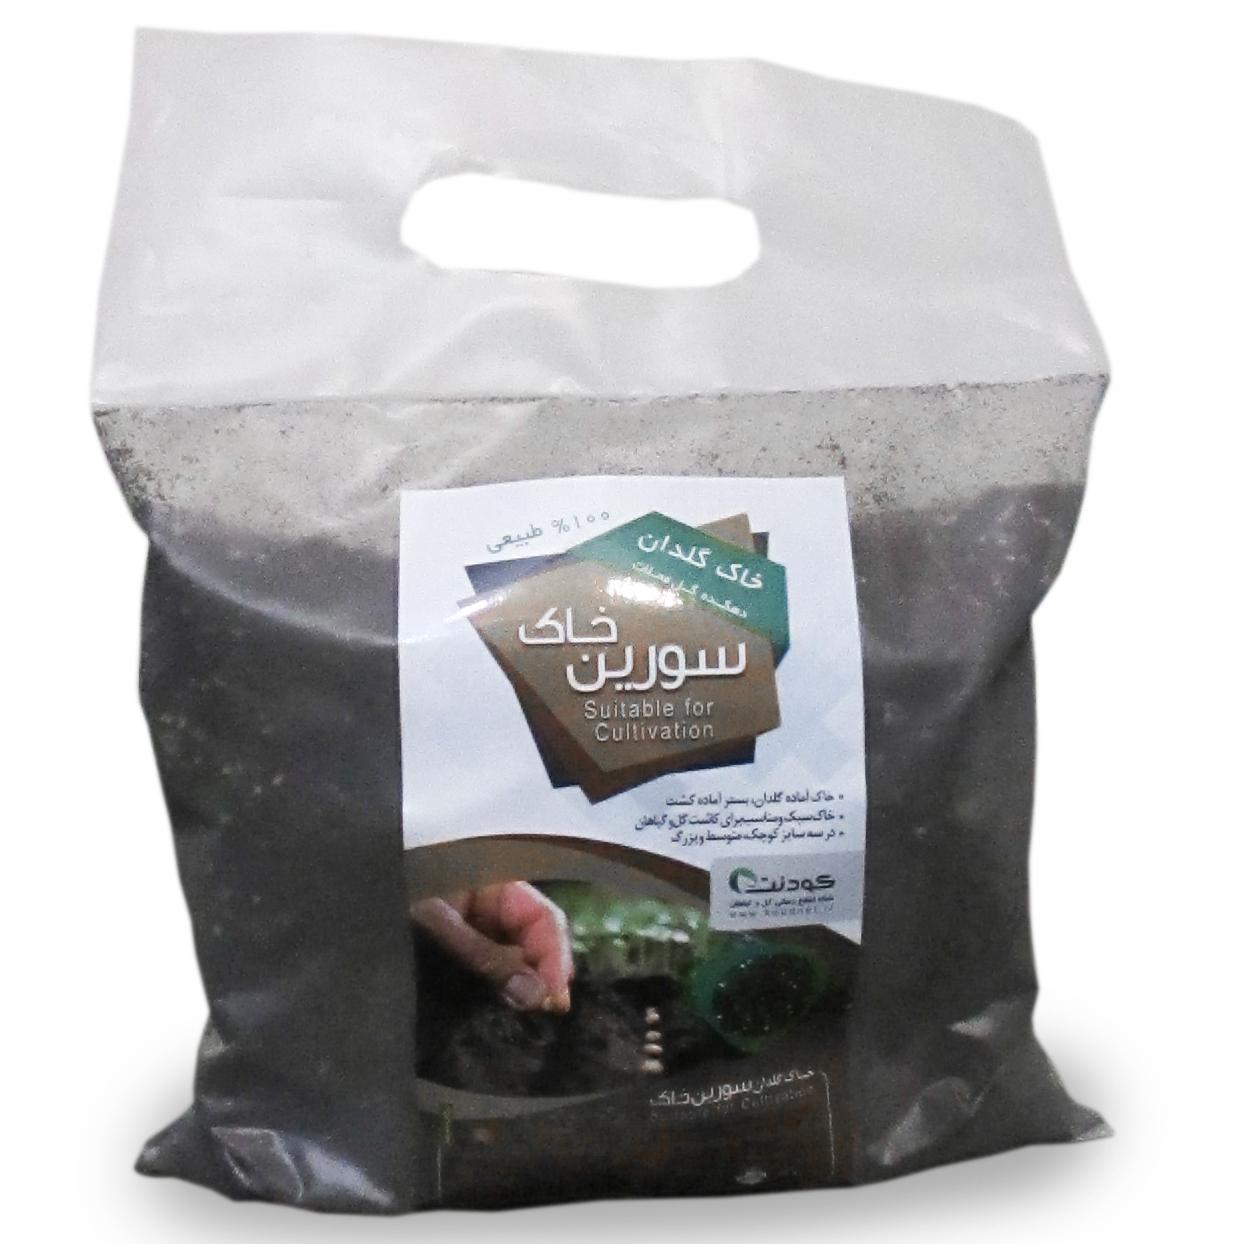 خاک گلدان سورین خاک سایز کوچک (2 لیتری)